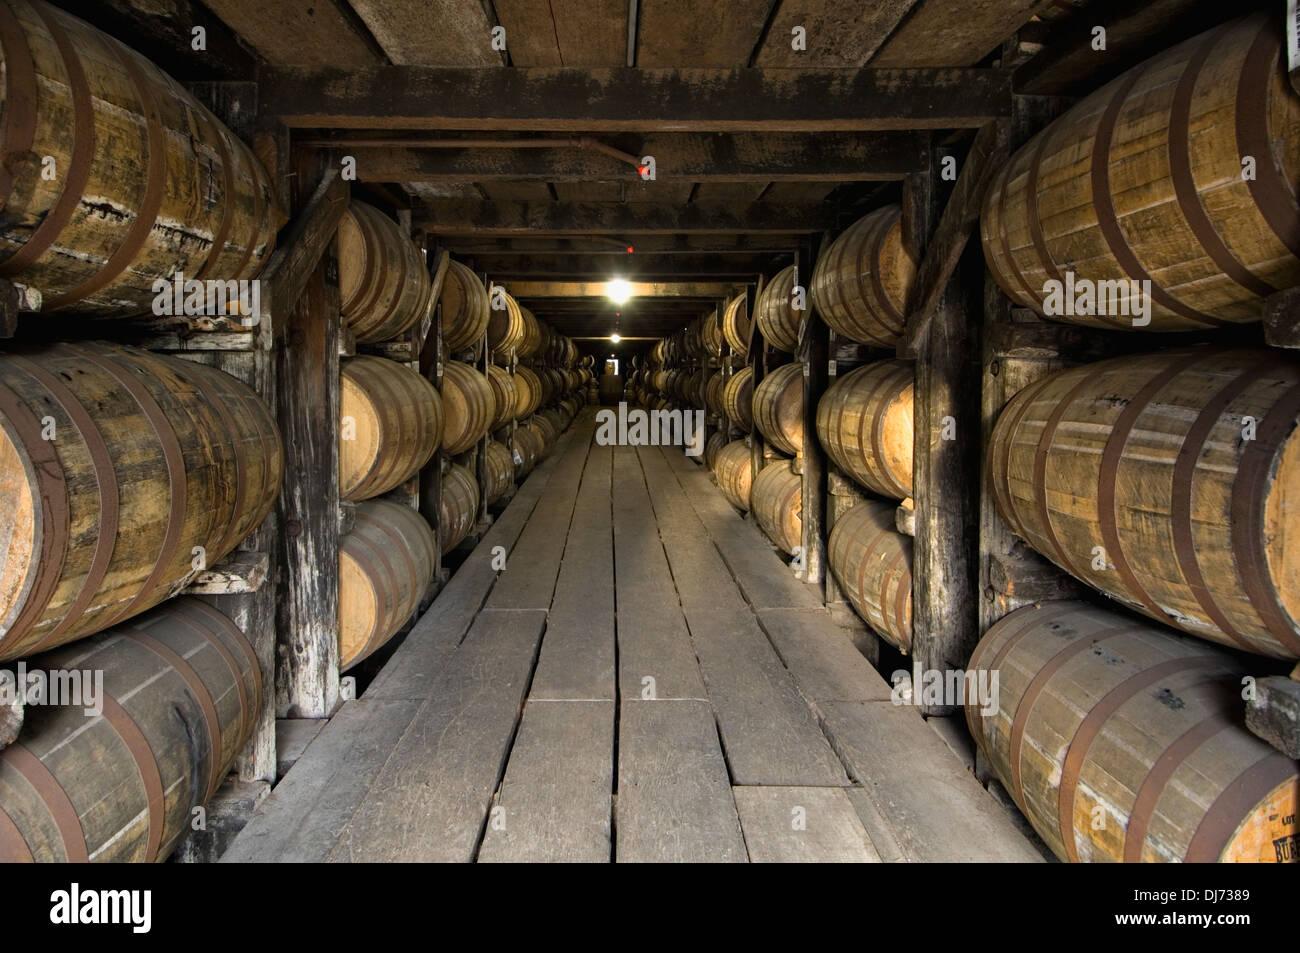 Barriles de Bourbon el envejecimiento en un Rick House en la Destilería Buffalo Trace en Frankfort, Kentucky Imagen De Stock